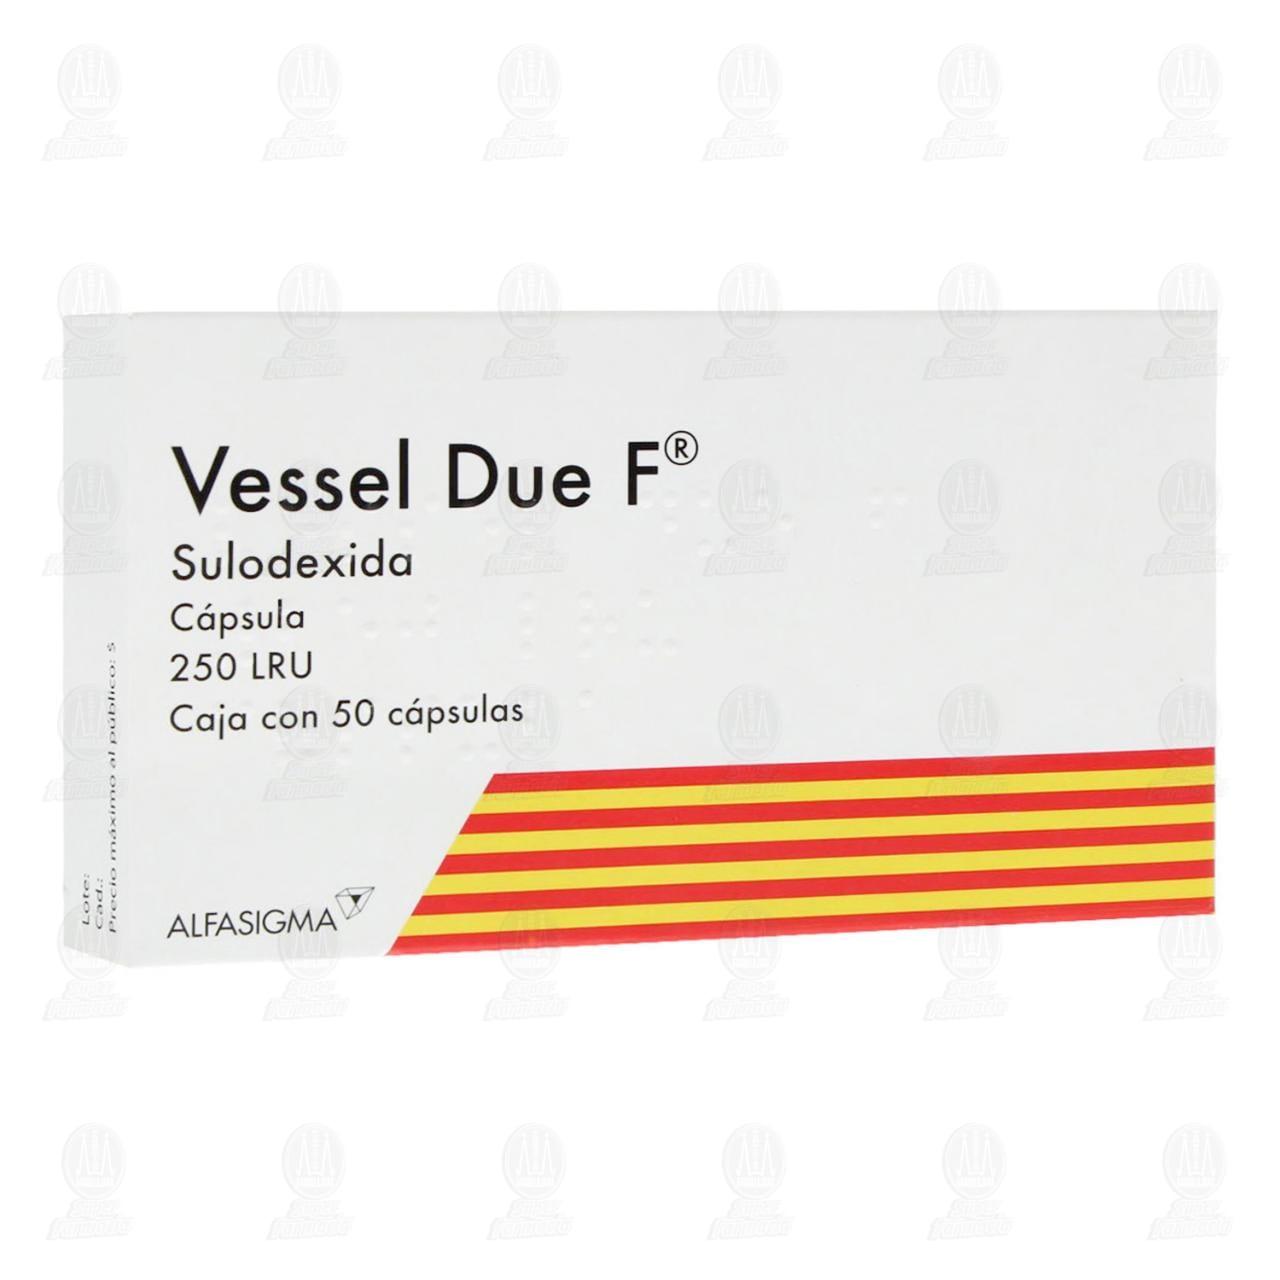 Comprar Vessel Due F 250LRU 50 Cápsulas en Farmacias Guadalajara